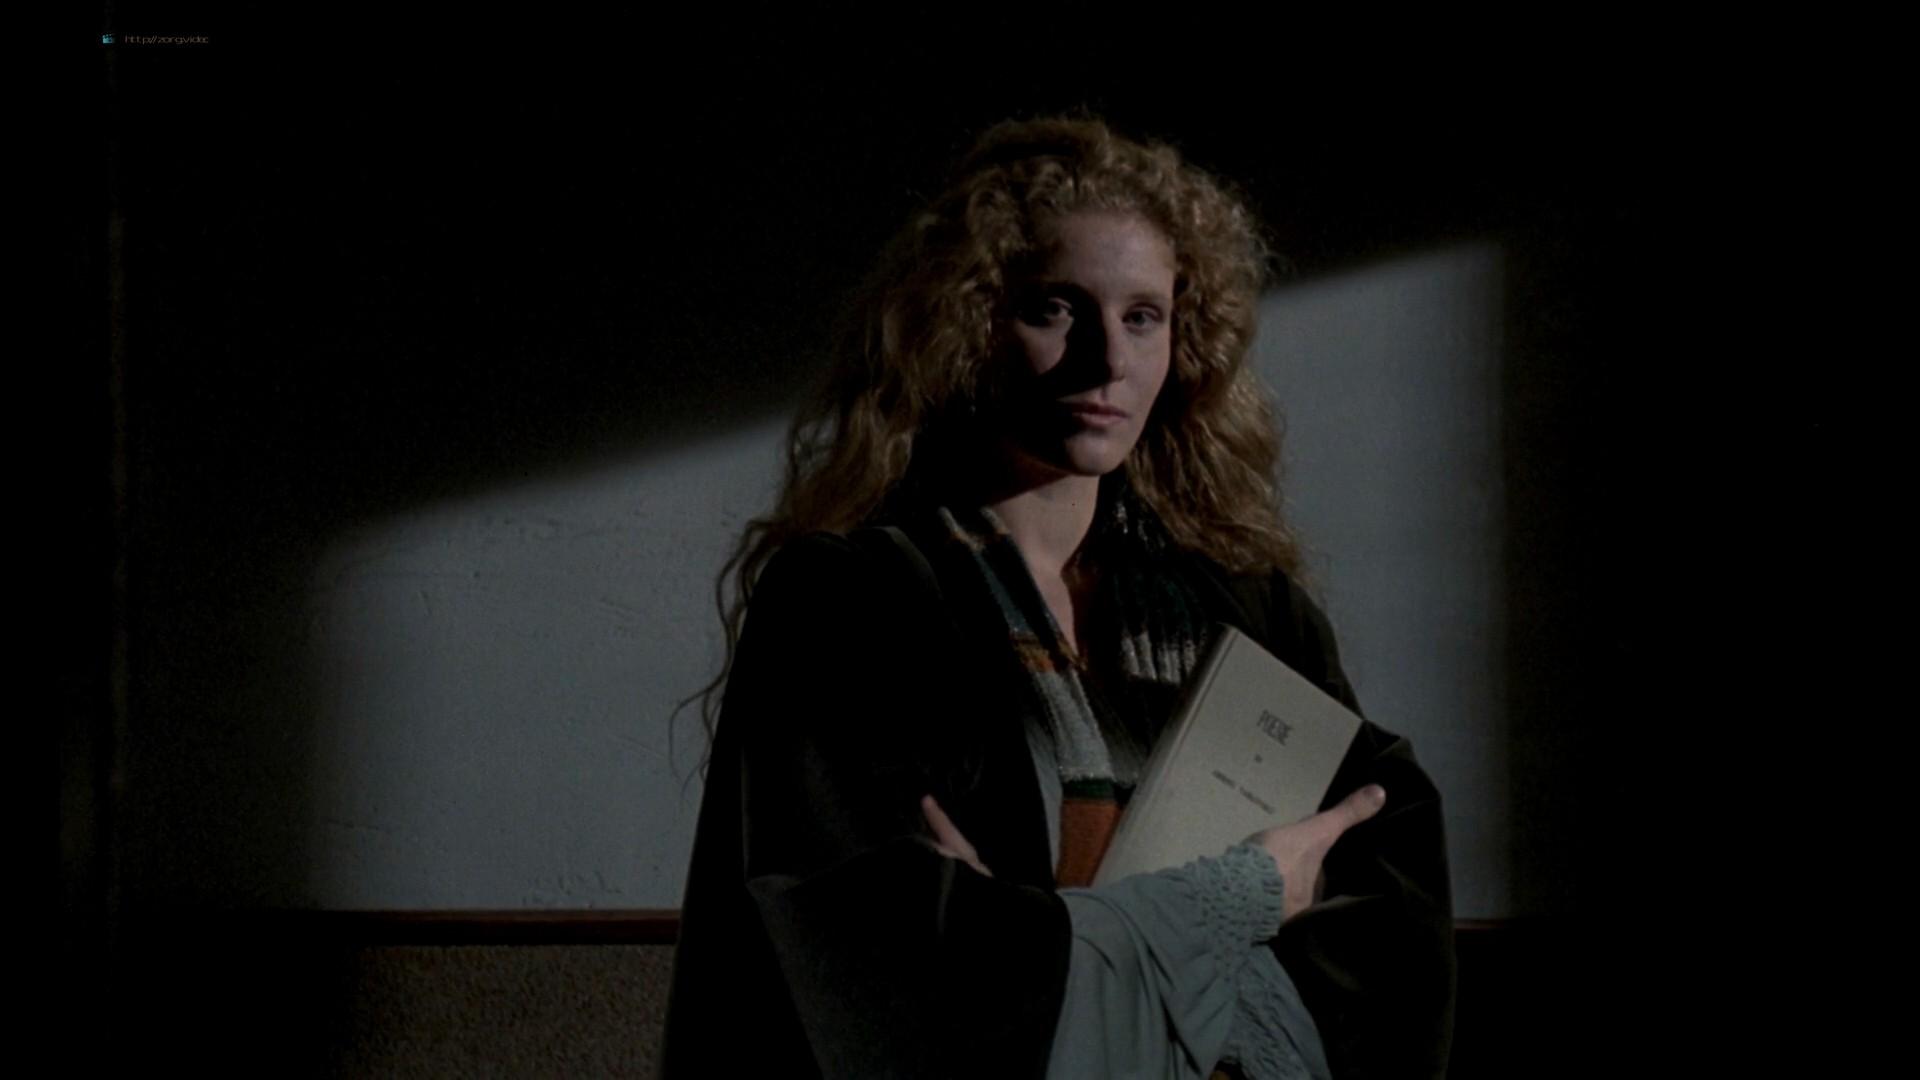 Domiziana Giordano nude topless - Nostalghia (1983) HD 1080p BluRay (9)